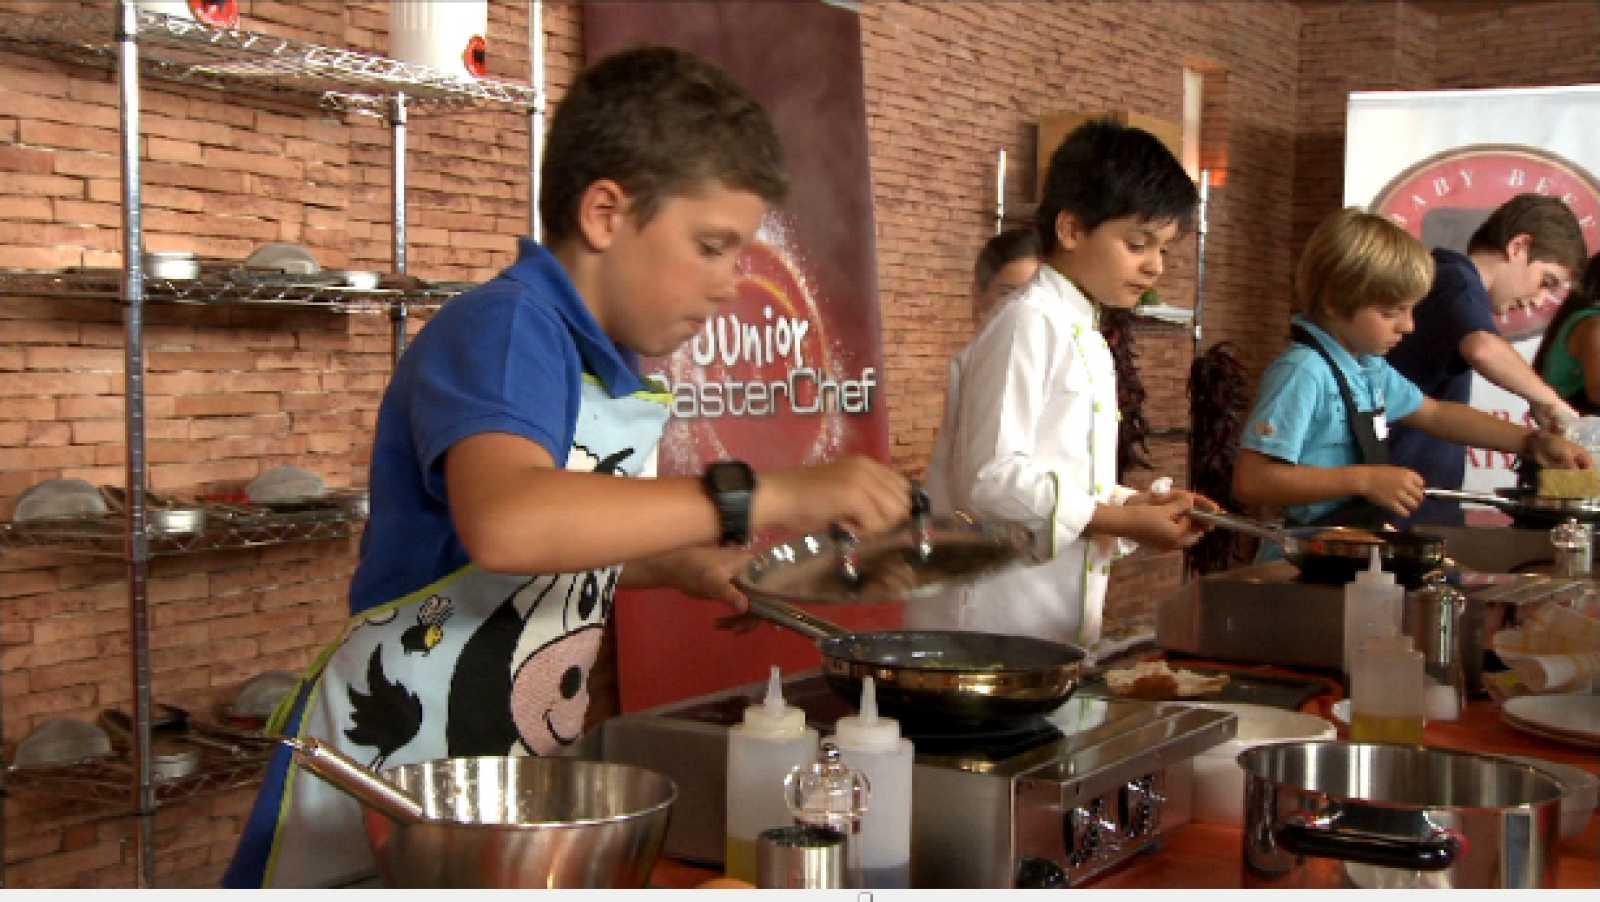 Contemporáneo La Cocina Muestran Recetas Embellecimiento - Como ...